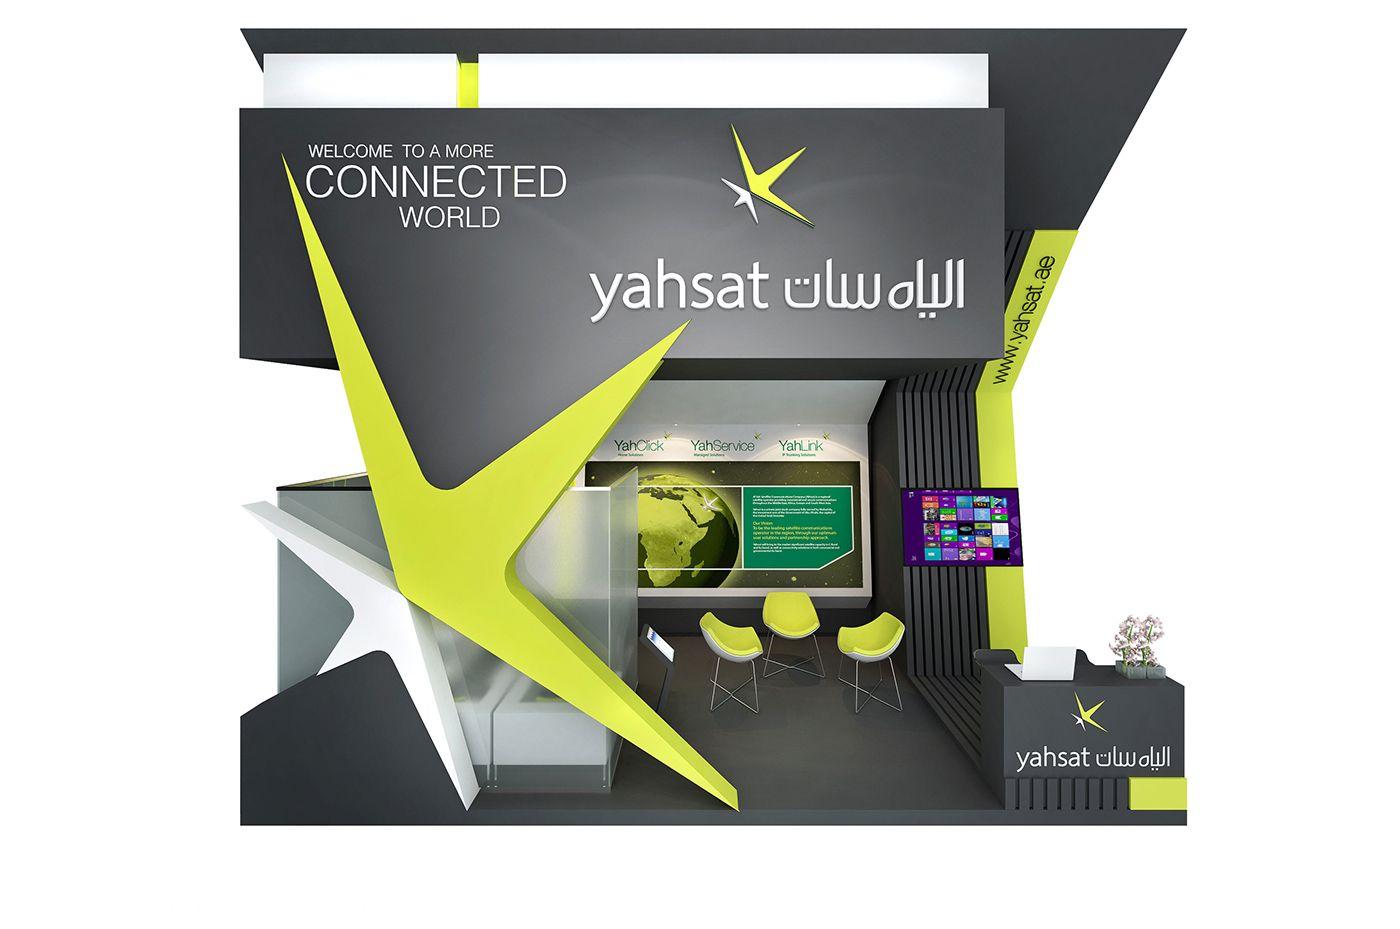 Yahsat Stall Designs Exhibition Design Stand Design